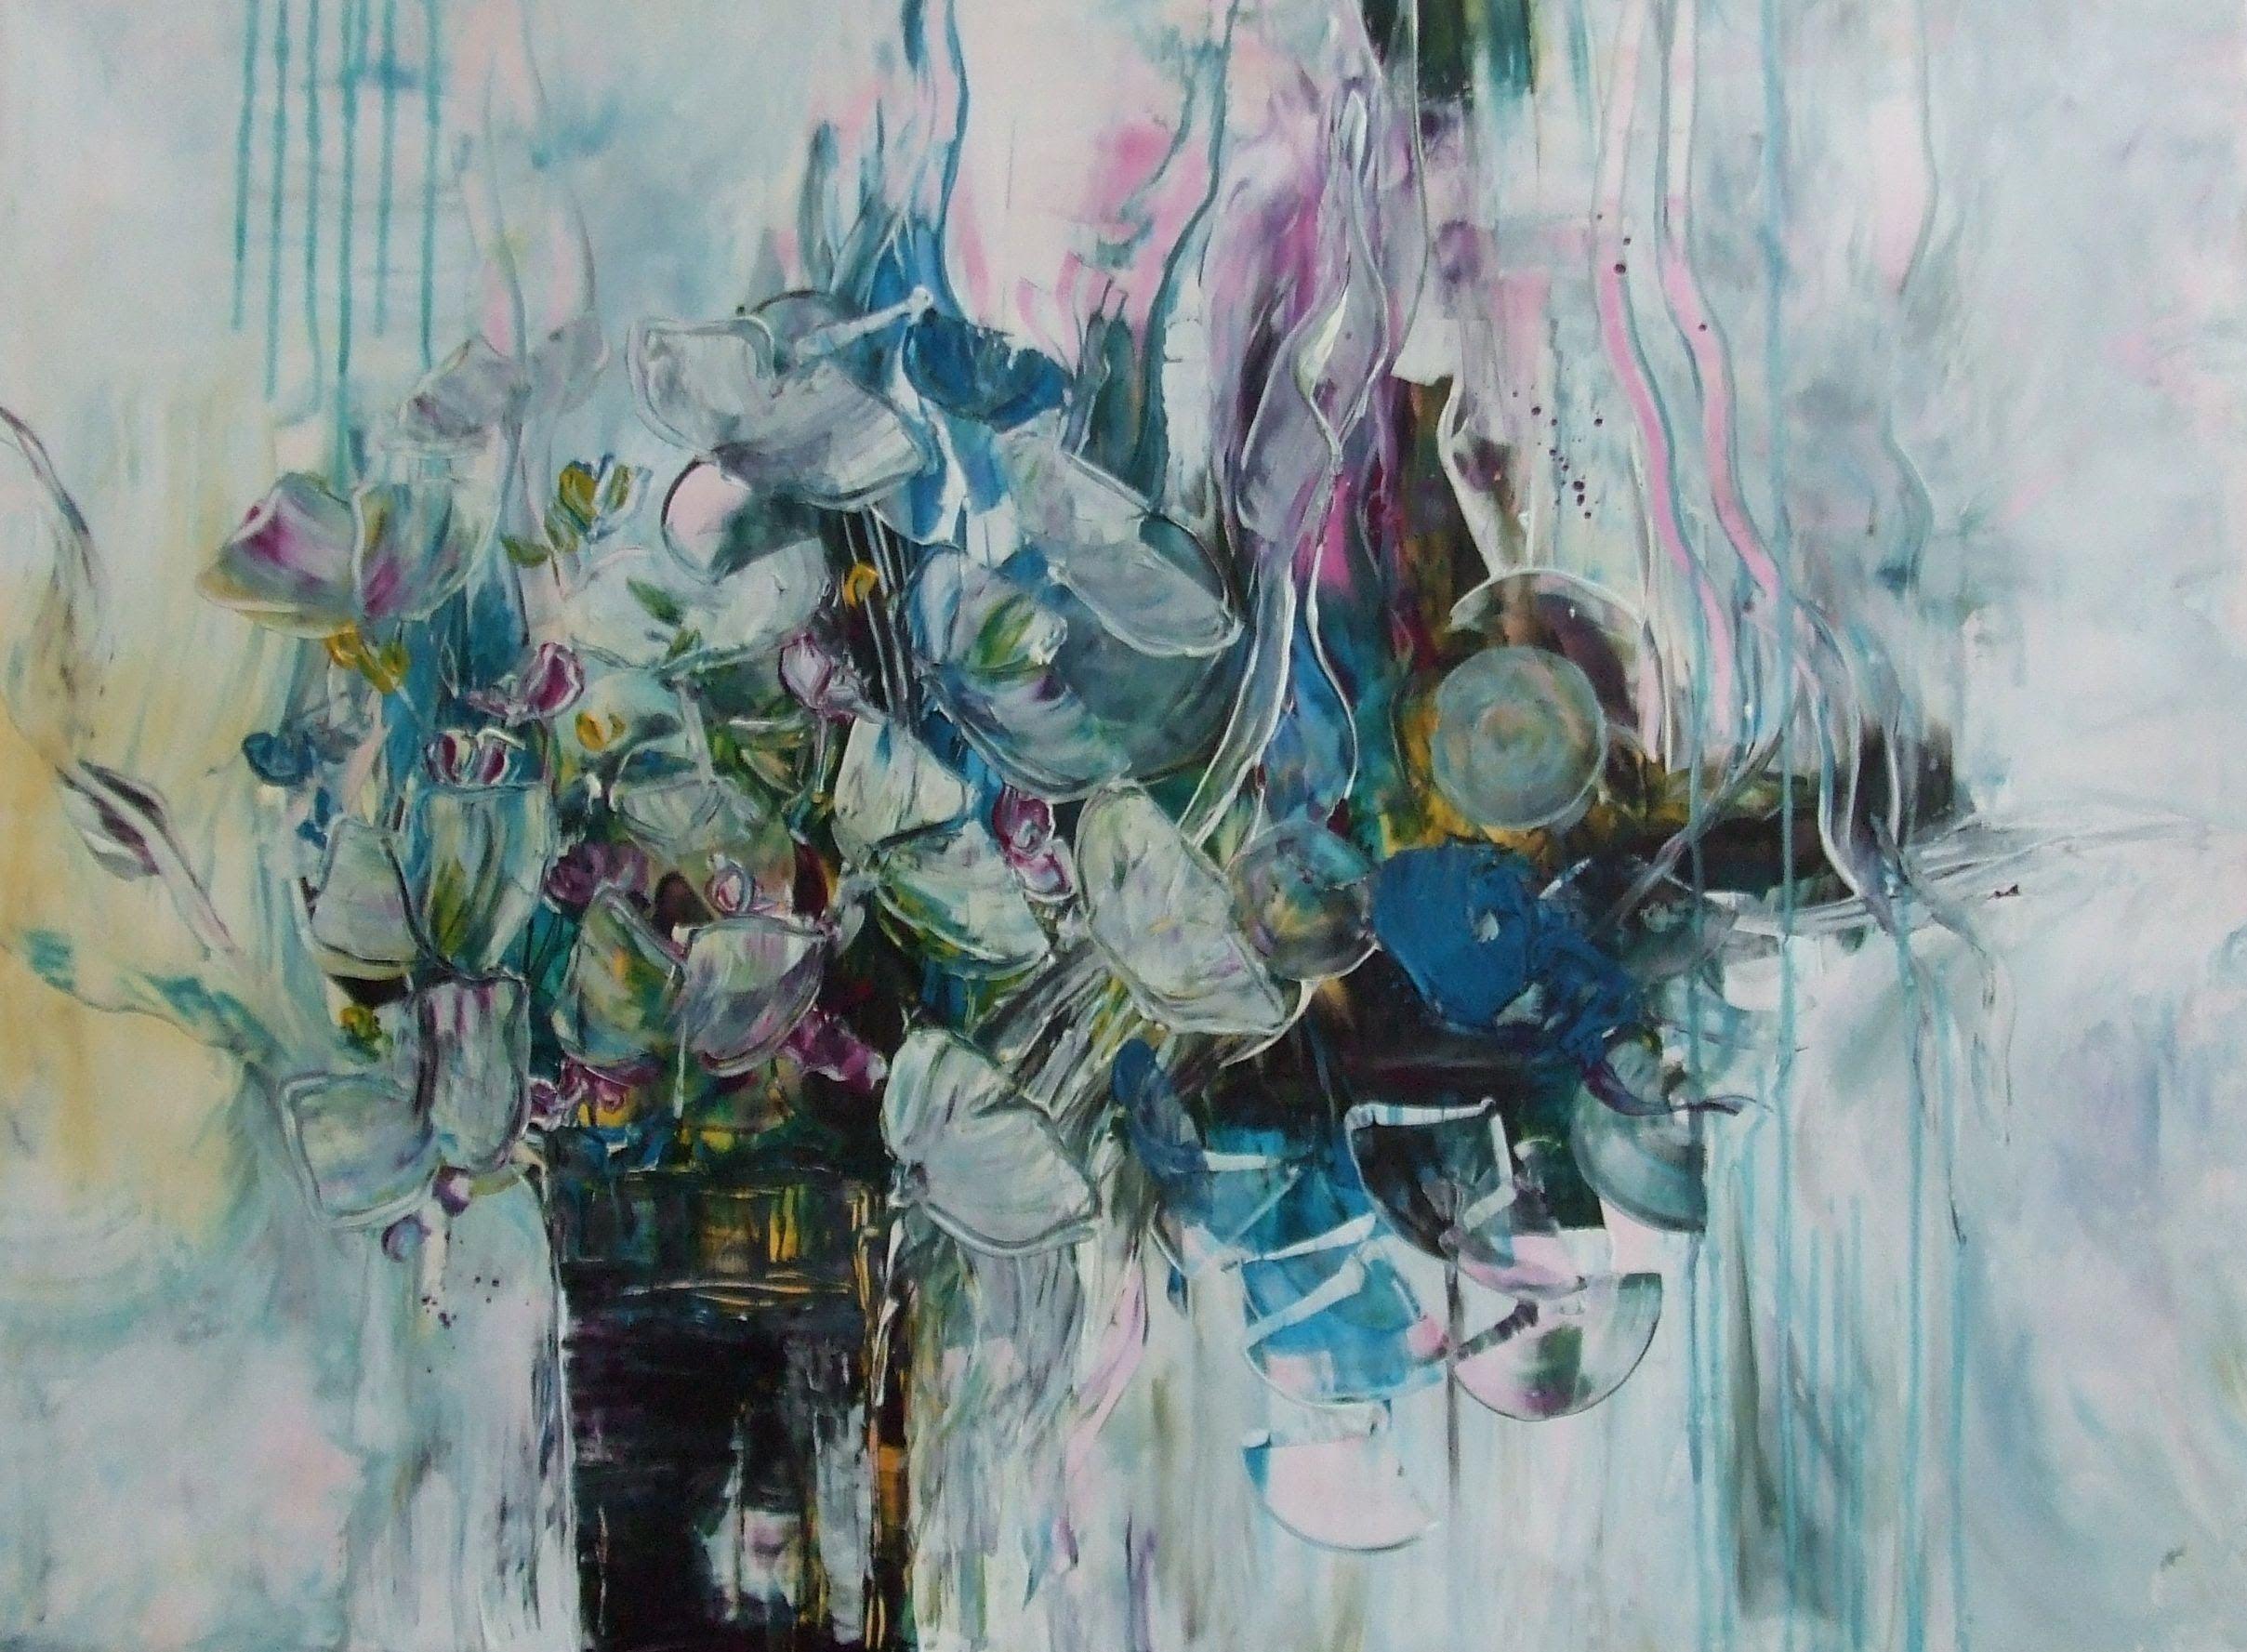 Von Abstrakt zu Floral, Teil 2, abstract and floral part 2